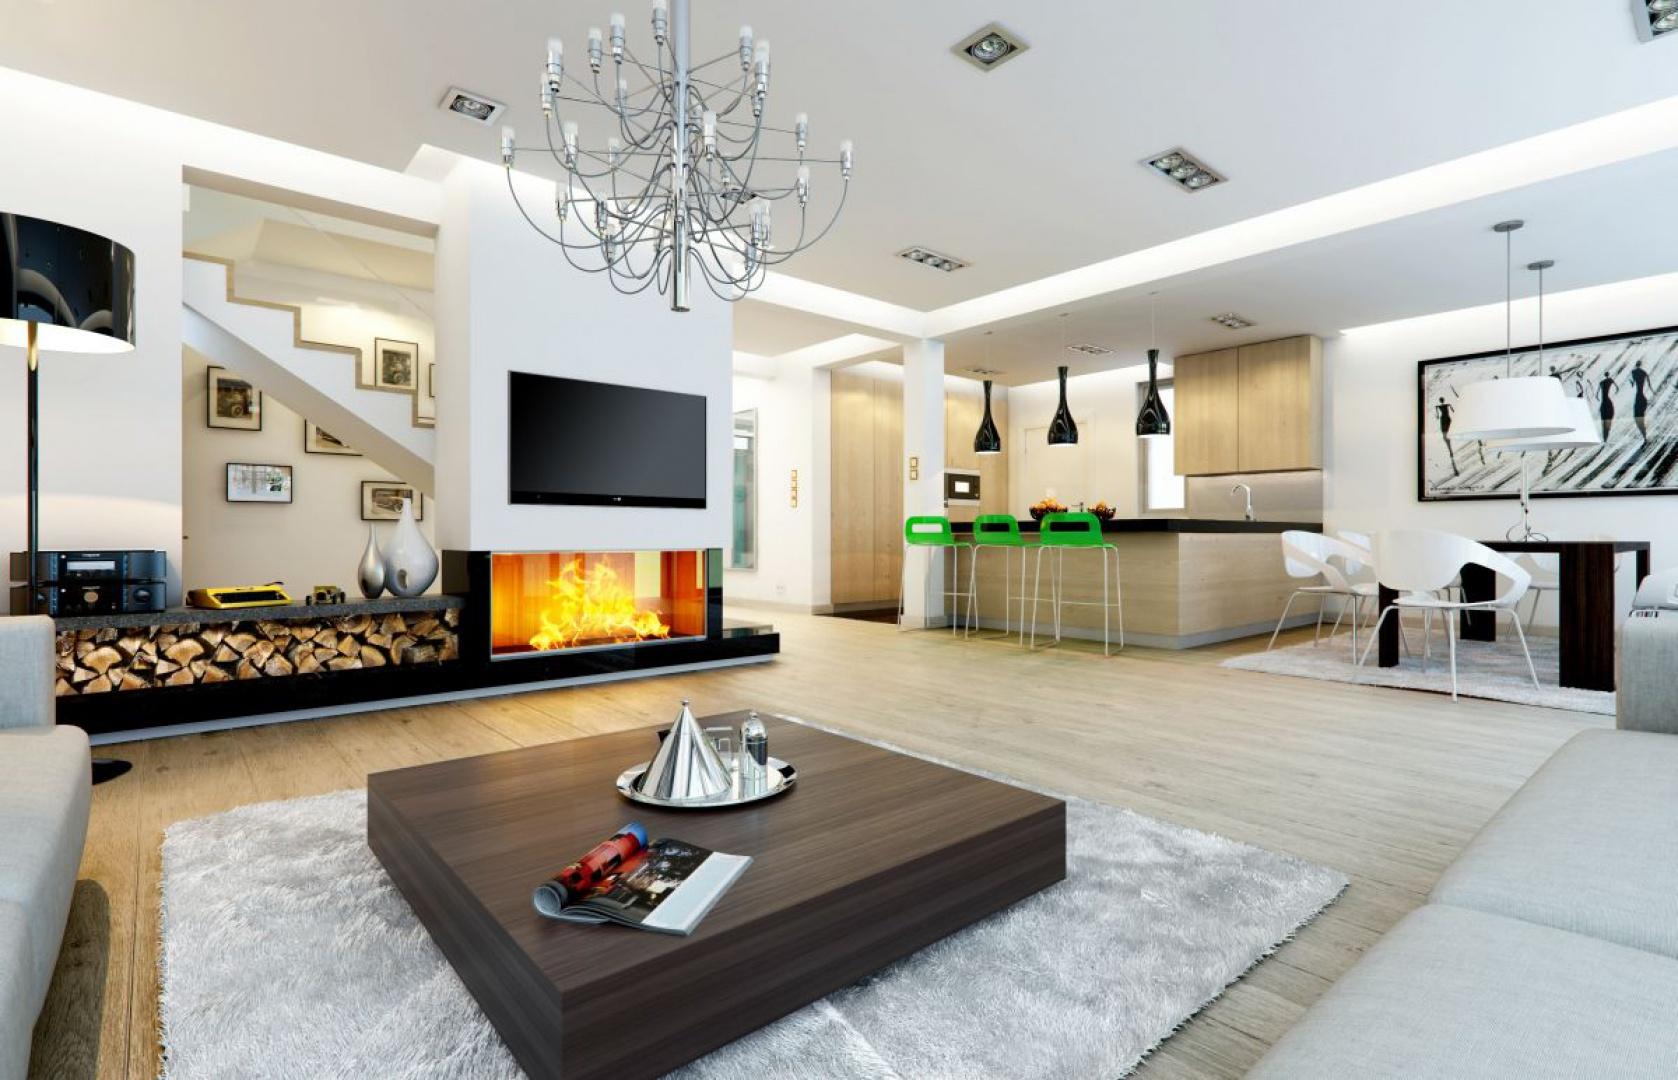 """Centralnie usytuowany kominek i kącik TV oraz """"otwarcie"""" perspektywy na schody pozwala wyeksponować każdy element wystroju wnętrza domu. Fot. MG Projekt"""